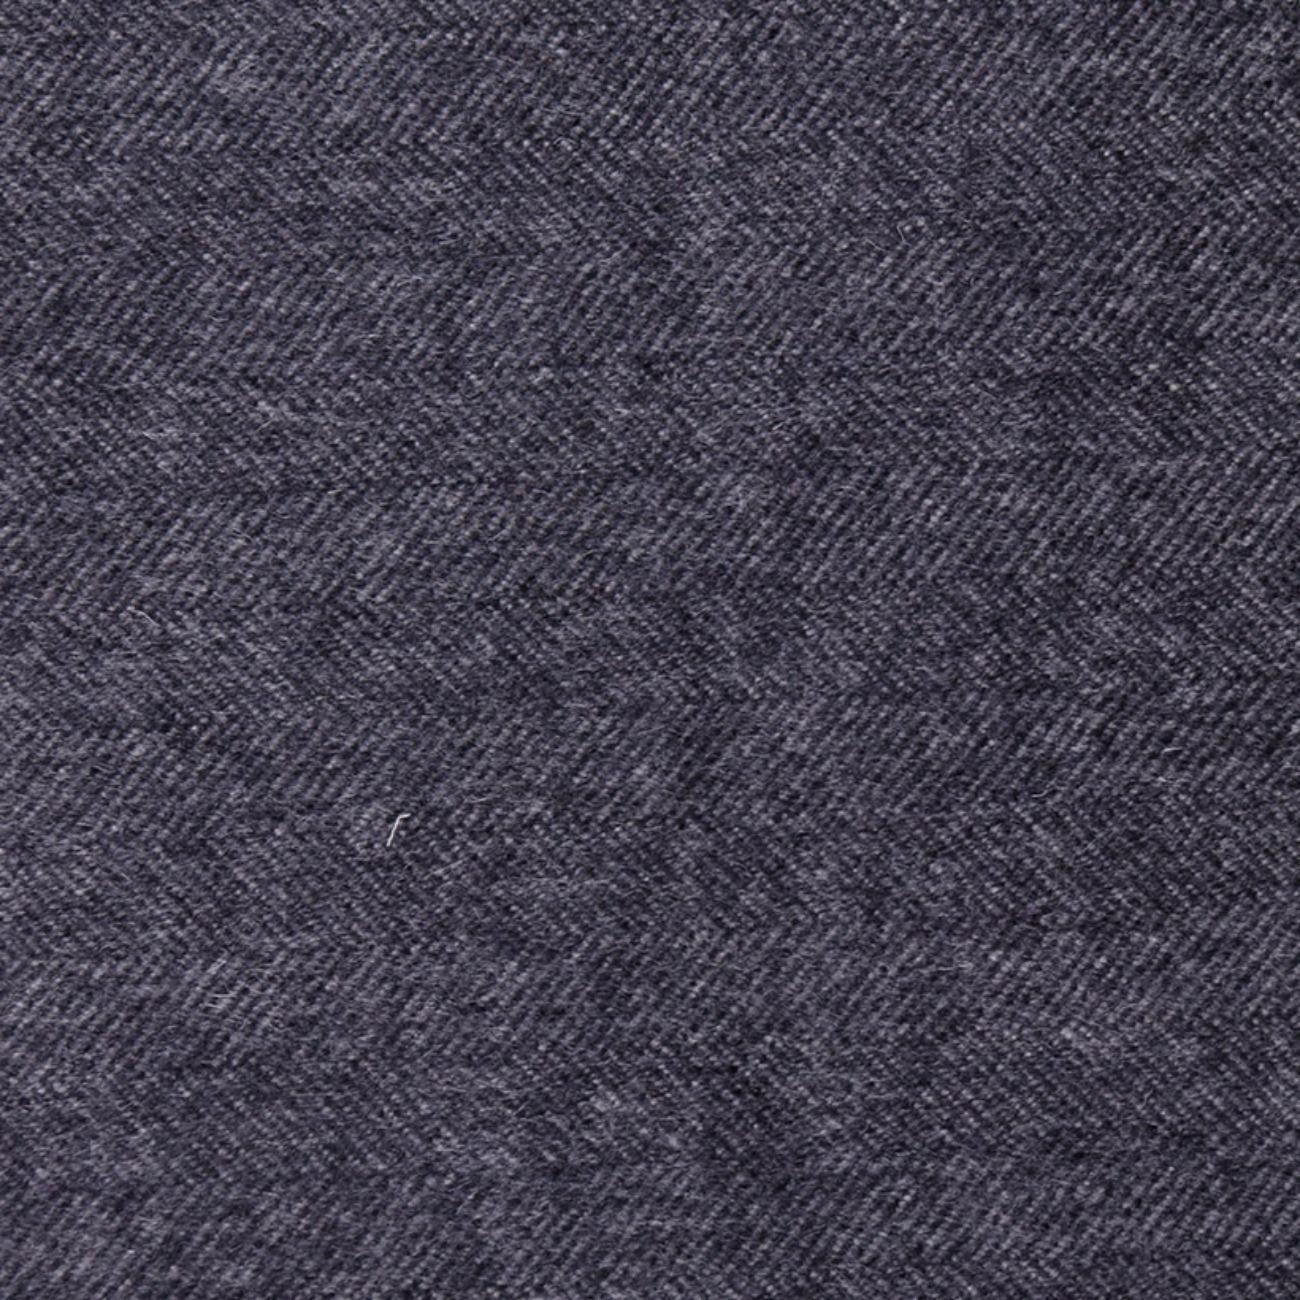 人字纹 梭织 单面 抓毛 无弹 大衣 外套 柔软 细腻 绒感 男装 女装 童装 秋冬 羊毛 71019-13